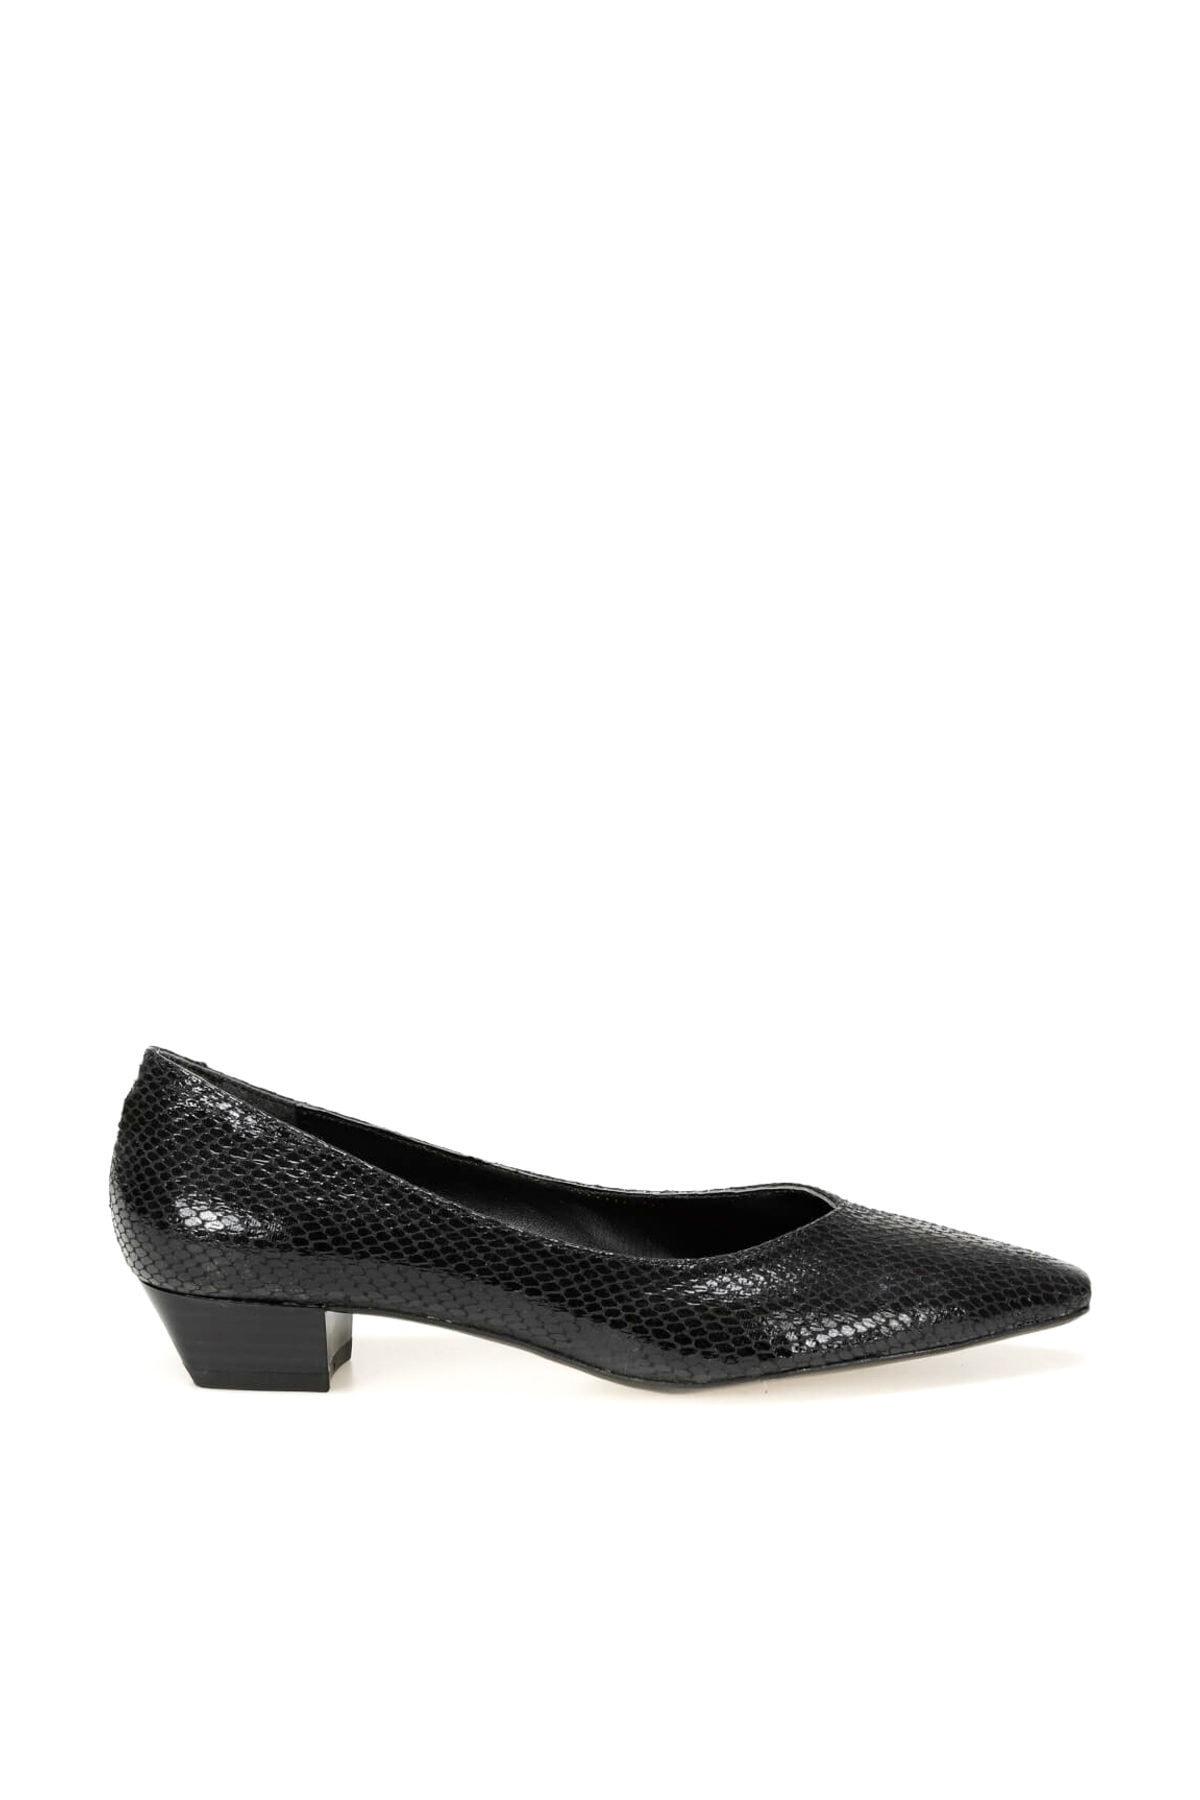 Miss F DW19075Y Siyah Kadın Gova Ayakkabı 100439742 2